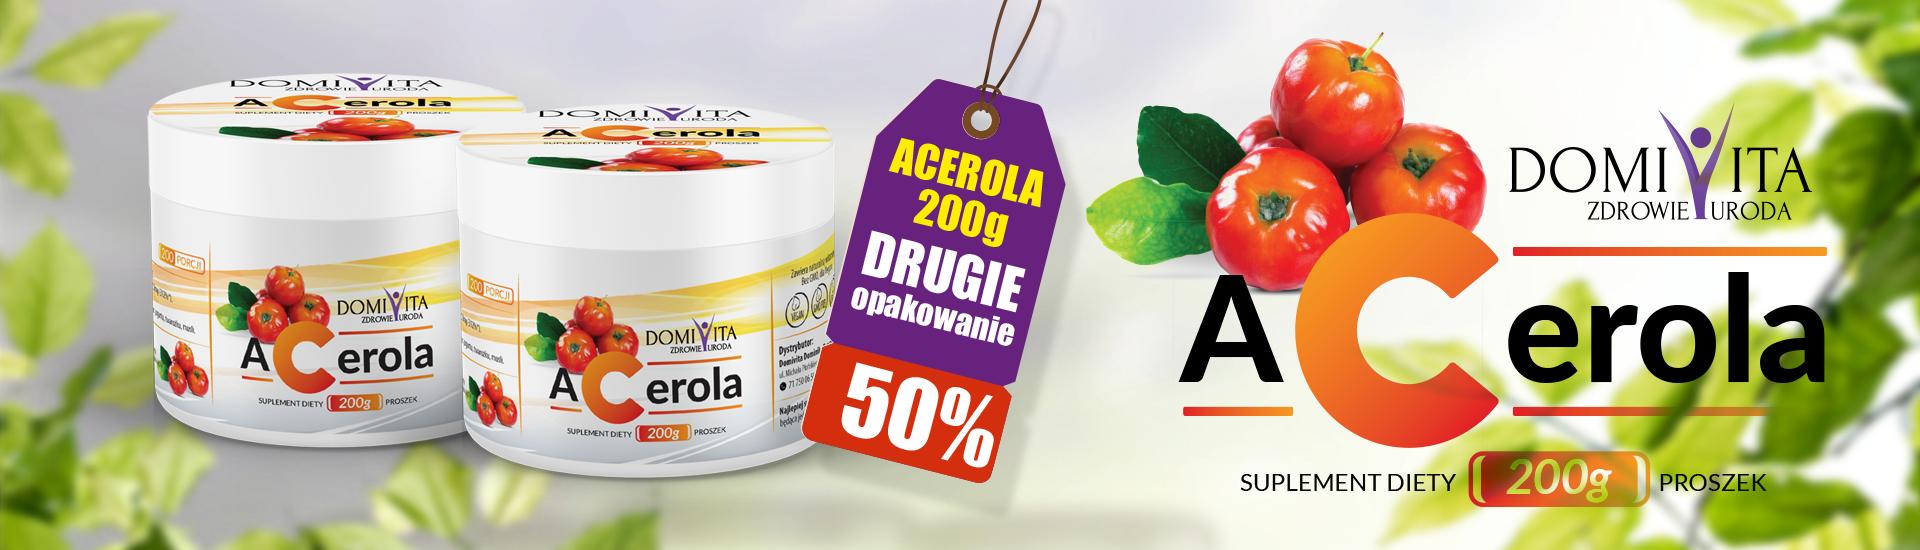 Acerola 200g + 50% na drugie opakowanie